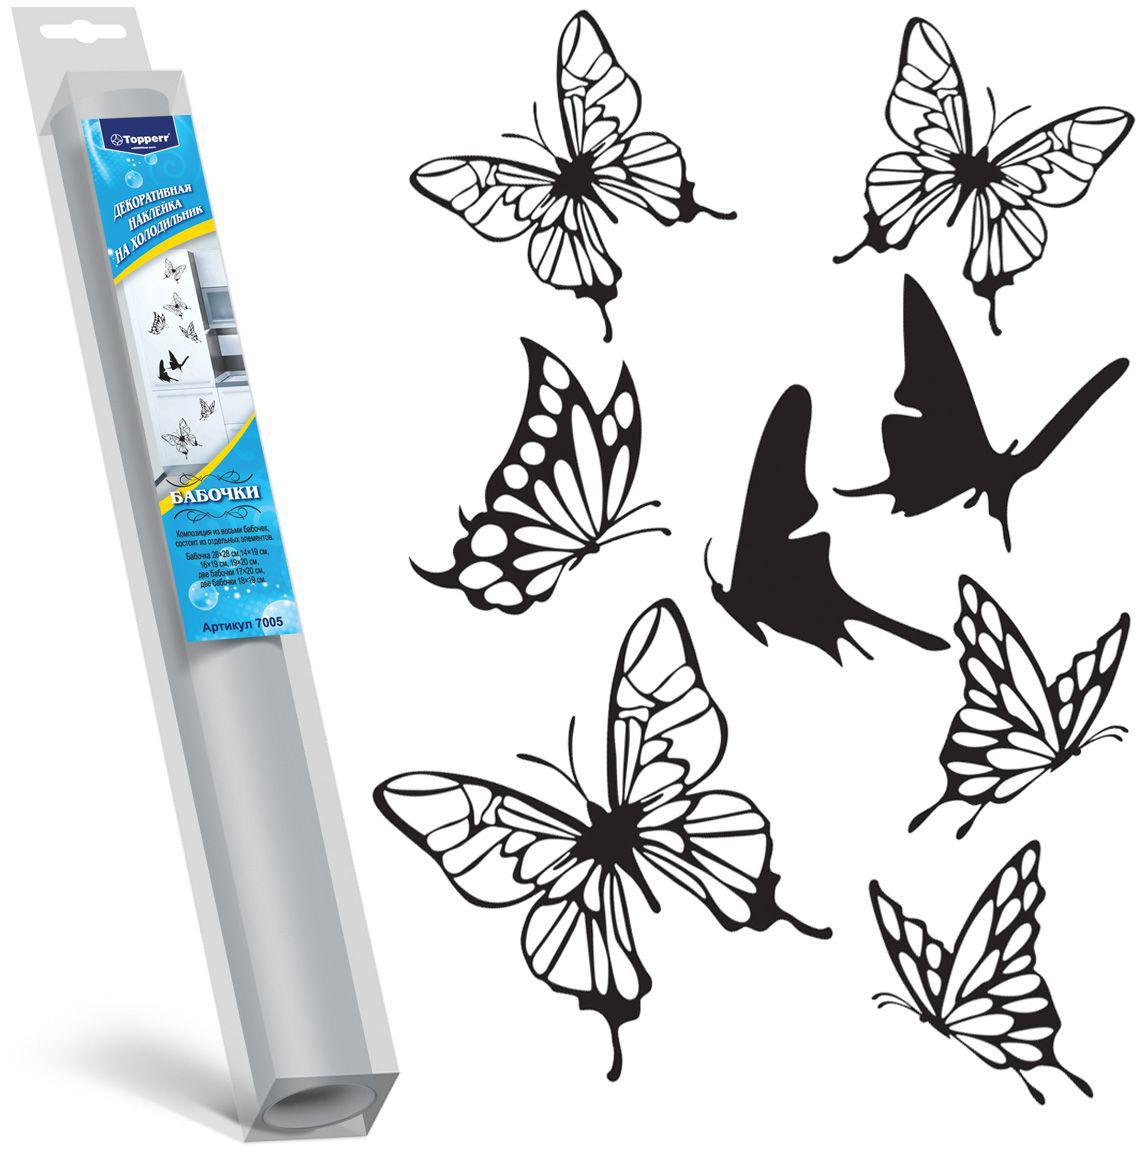 Декоративная наклейка Topperr Бабочки для холодильников7005Декоративная цветная наклейка на холодильник из винила Бабочки. Композиция из восьми бабочек, состоит из отдельных элементов. Бабочки: 26 х 28 см, 14 х 19 см, 16 х 19 см, 19 х 20 см, 17,5 х 20 см – шт., 18 х 19 см – 2 шт. Способ применения: Достаньте композицию из упаковки. Наклеивать нужно на чистую и сухую поверхность. Аккуратно отделите рисунок от бумаги. Смочите оборотную сторону мыльным раствором. Начинать приклеивать композицию лучше сверху. Приклеивайте рисунок на поверхность, тщательно разглаживания композицию по направлению от середины к краям. В упаковке: 1 шт